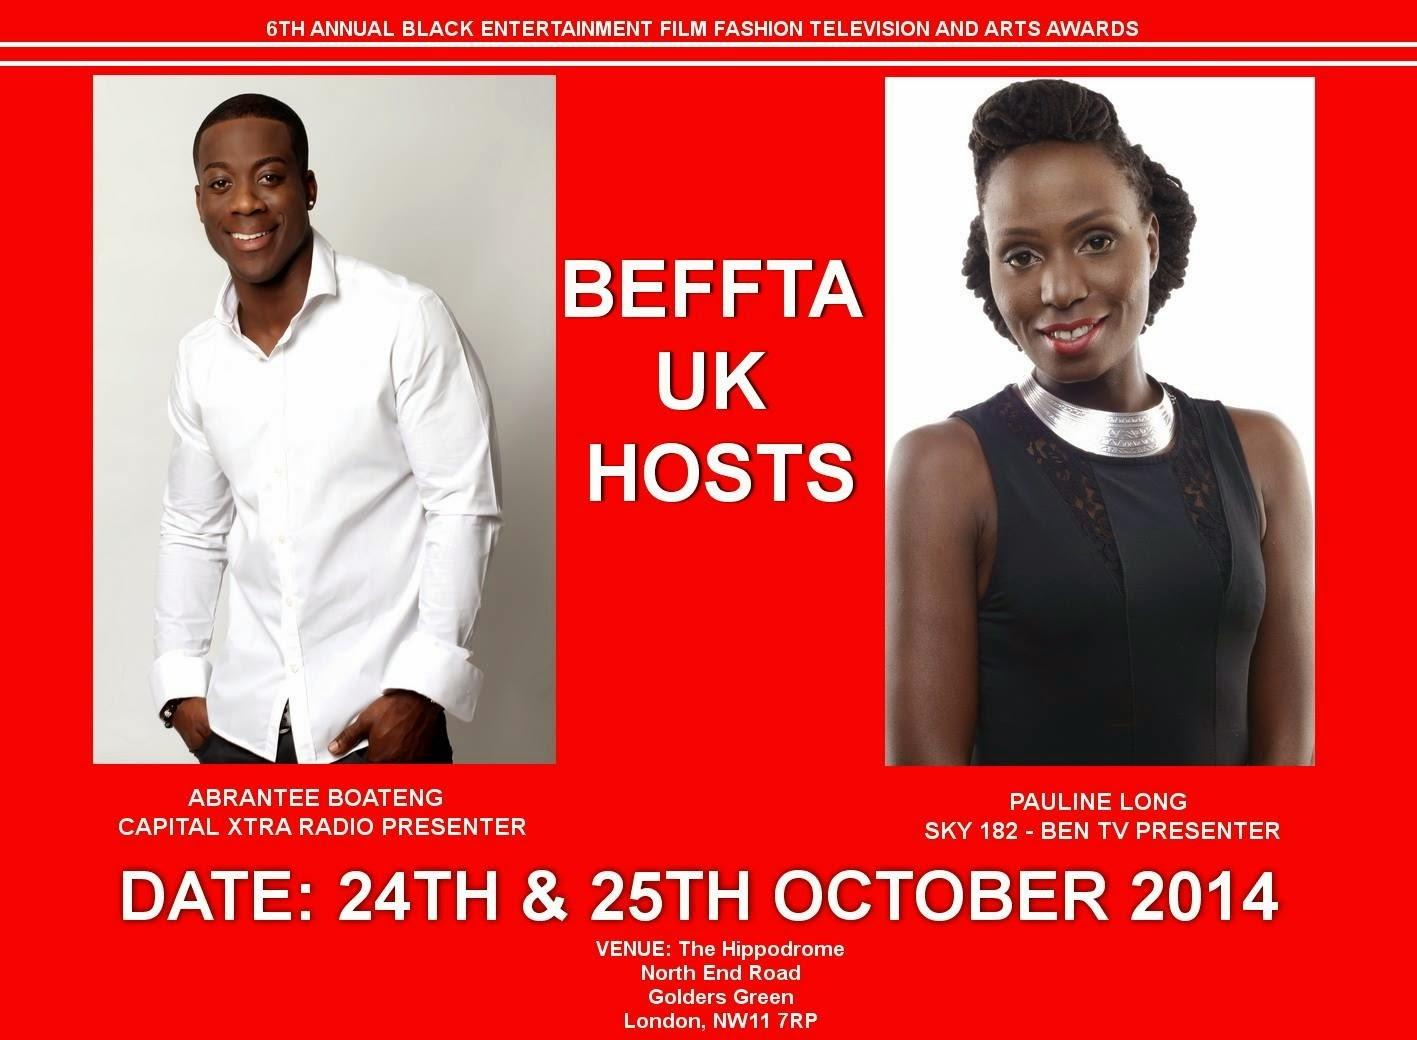 BEFFTA UK